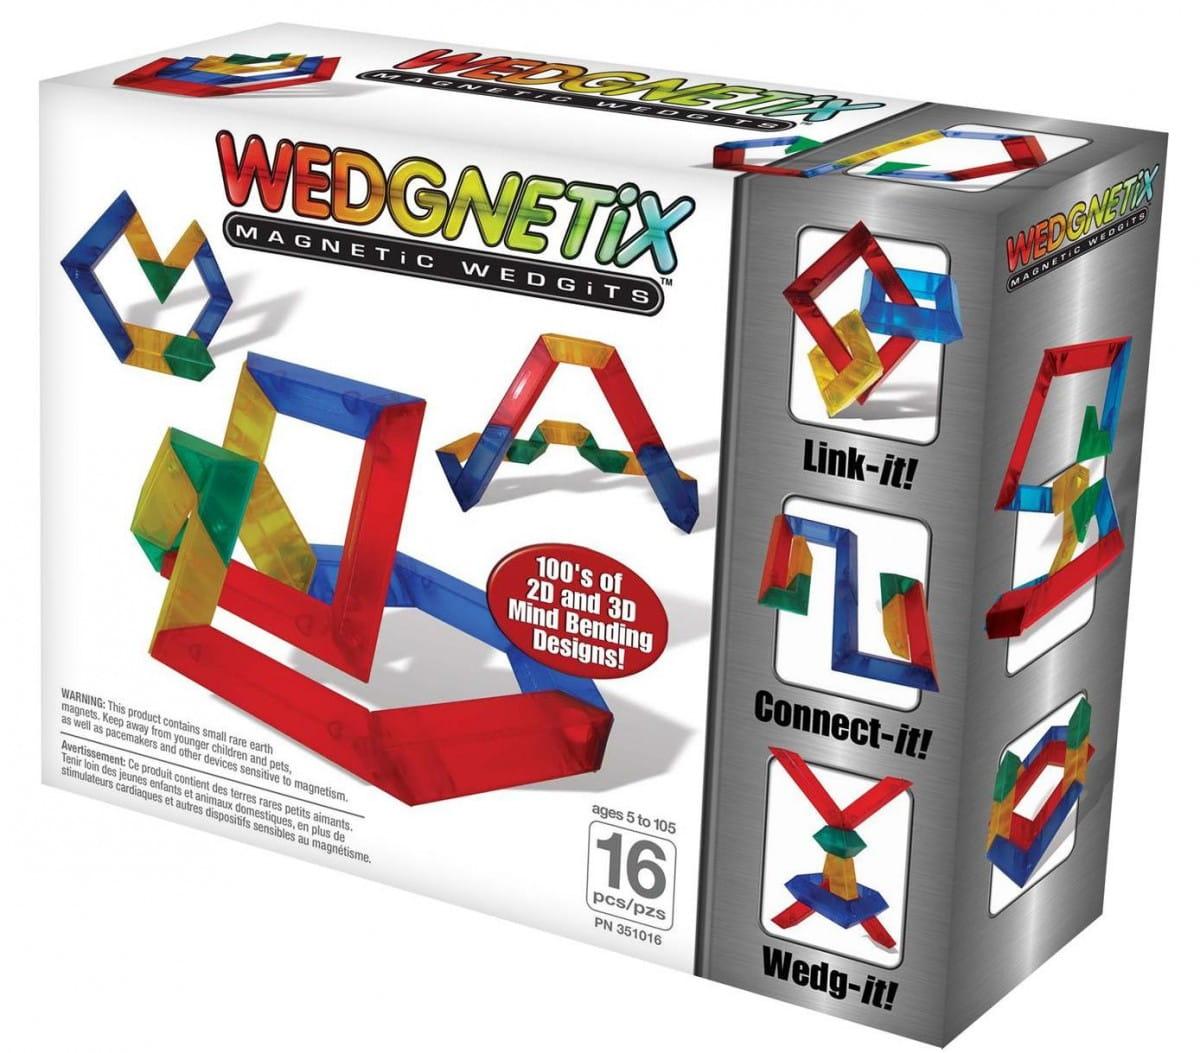 Конструктор Wedgits 351016 Wedgnetix - 16 деталей